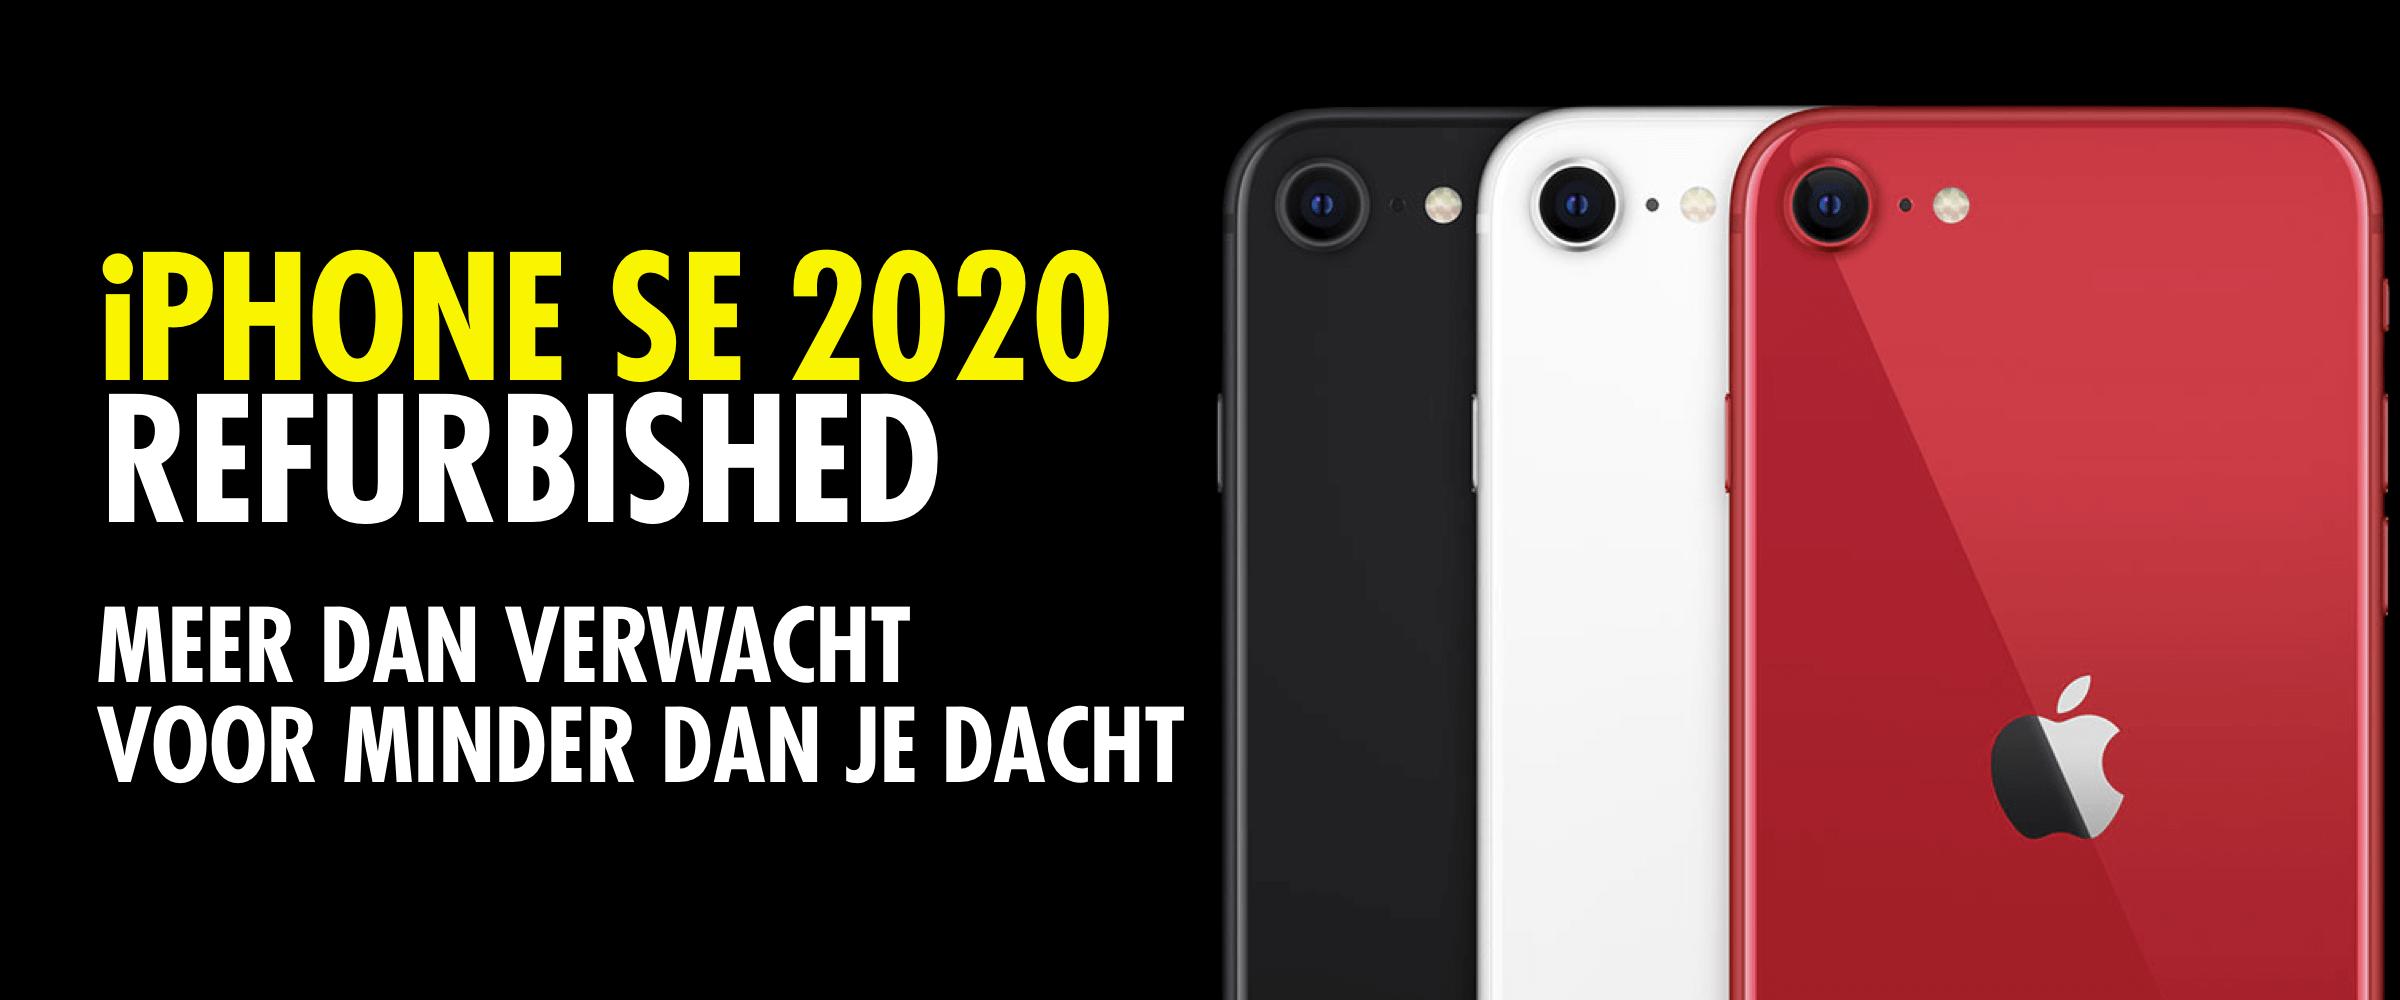 iphone se 2020 refurbished 5 redenen om te kopen